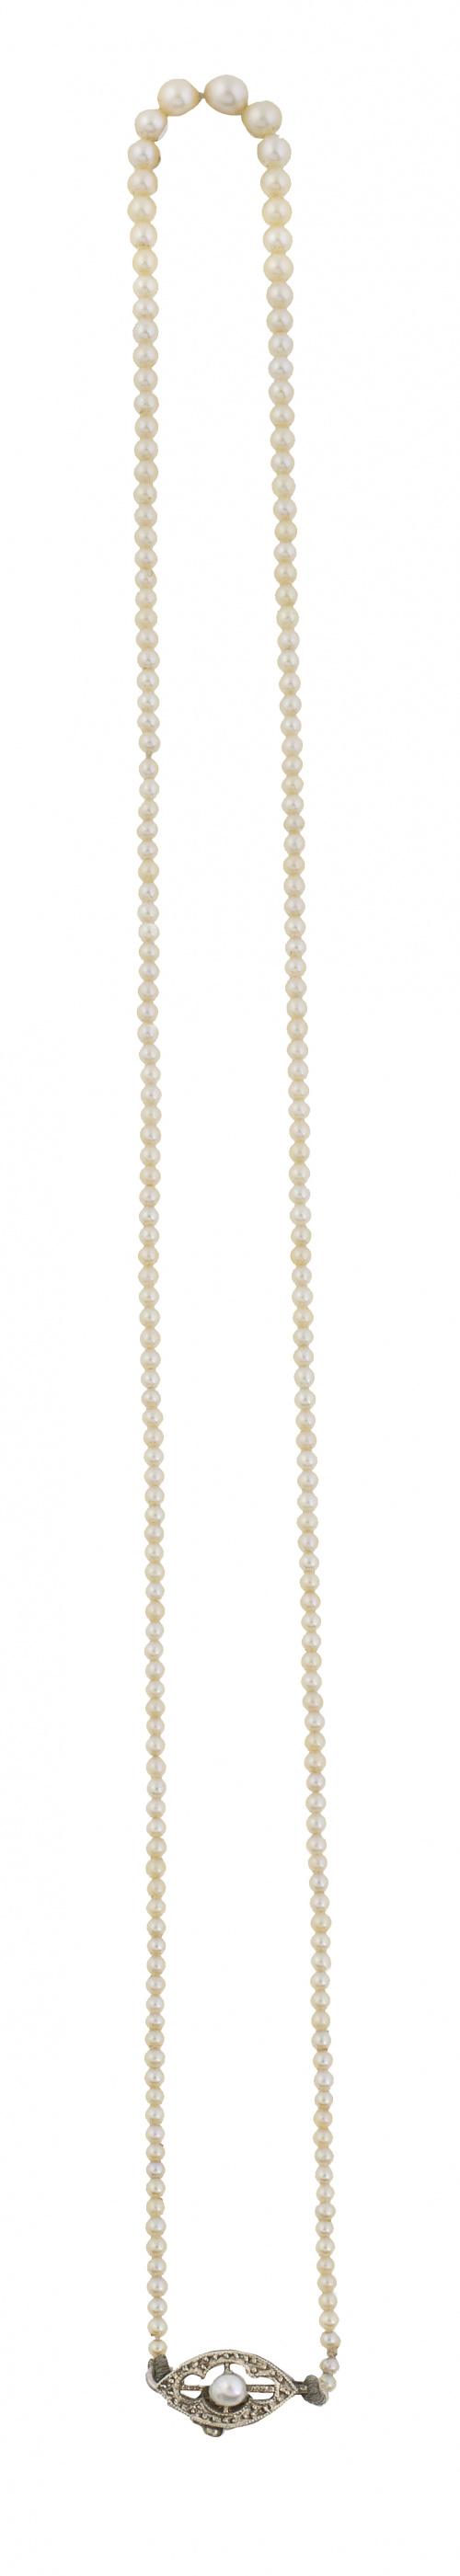 Delicado collar años 30 de pequeñas perlas de tamaño gradua